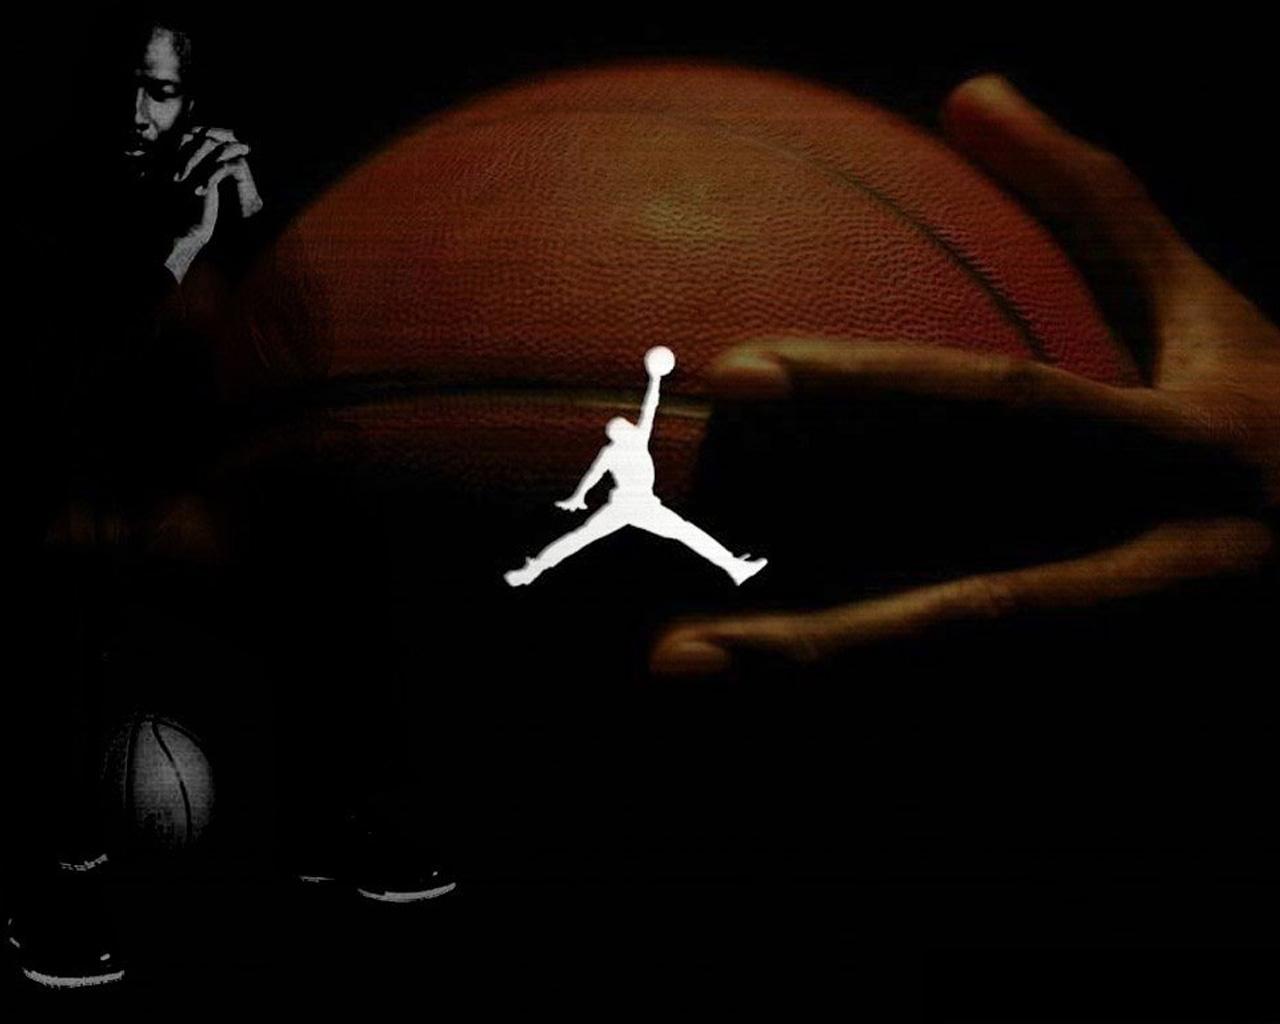 basketball hd wallpapers basketball hd wallpapers basketball hd 1280x1024